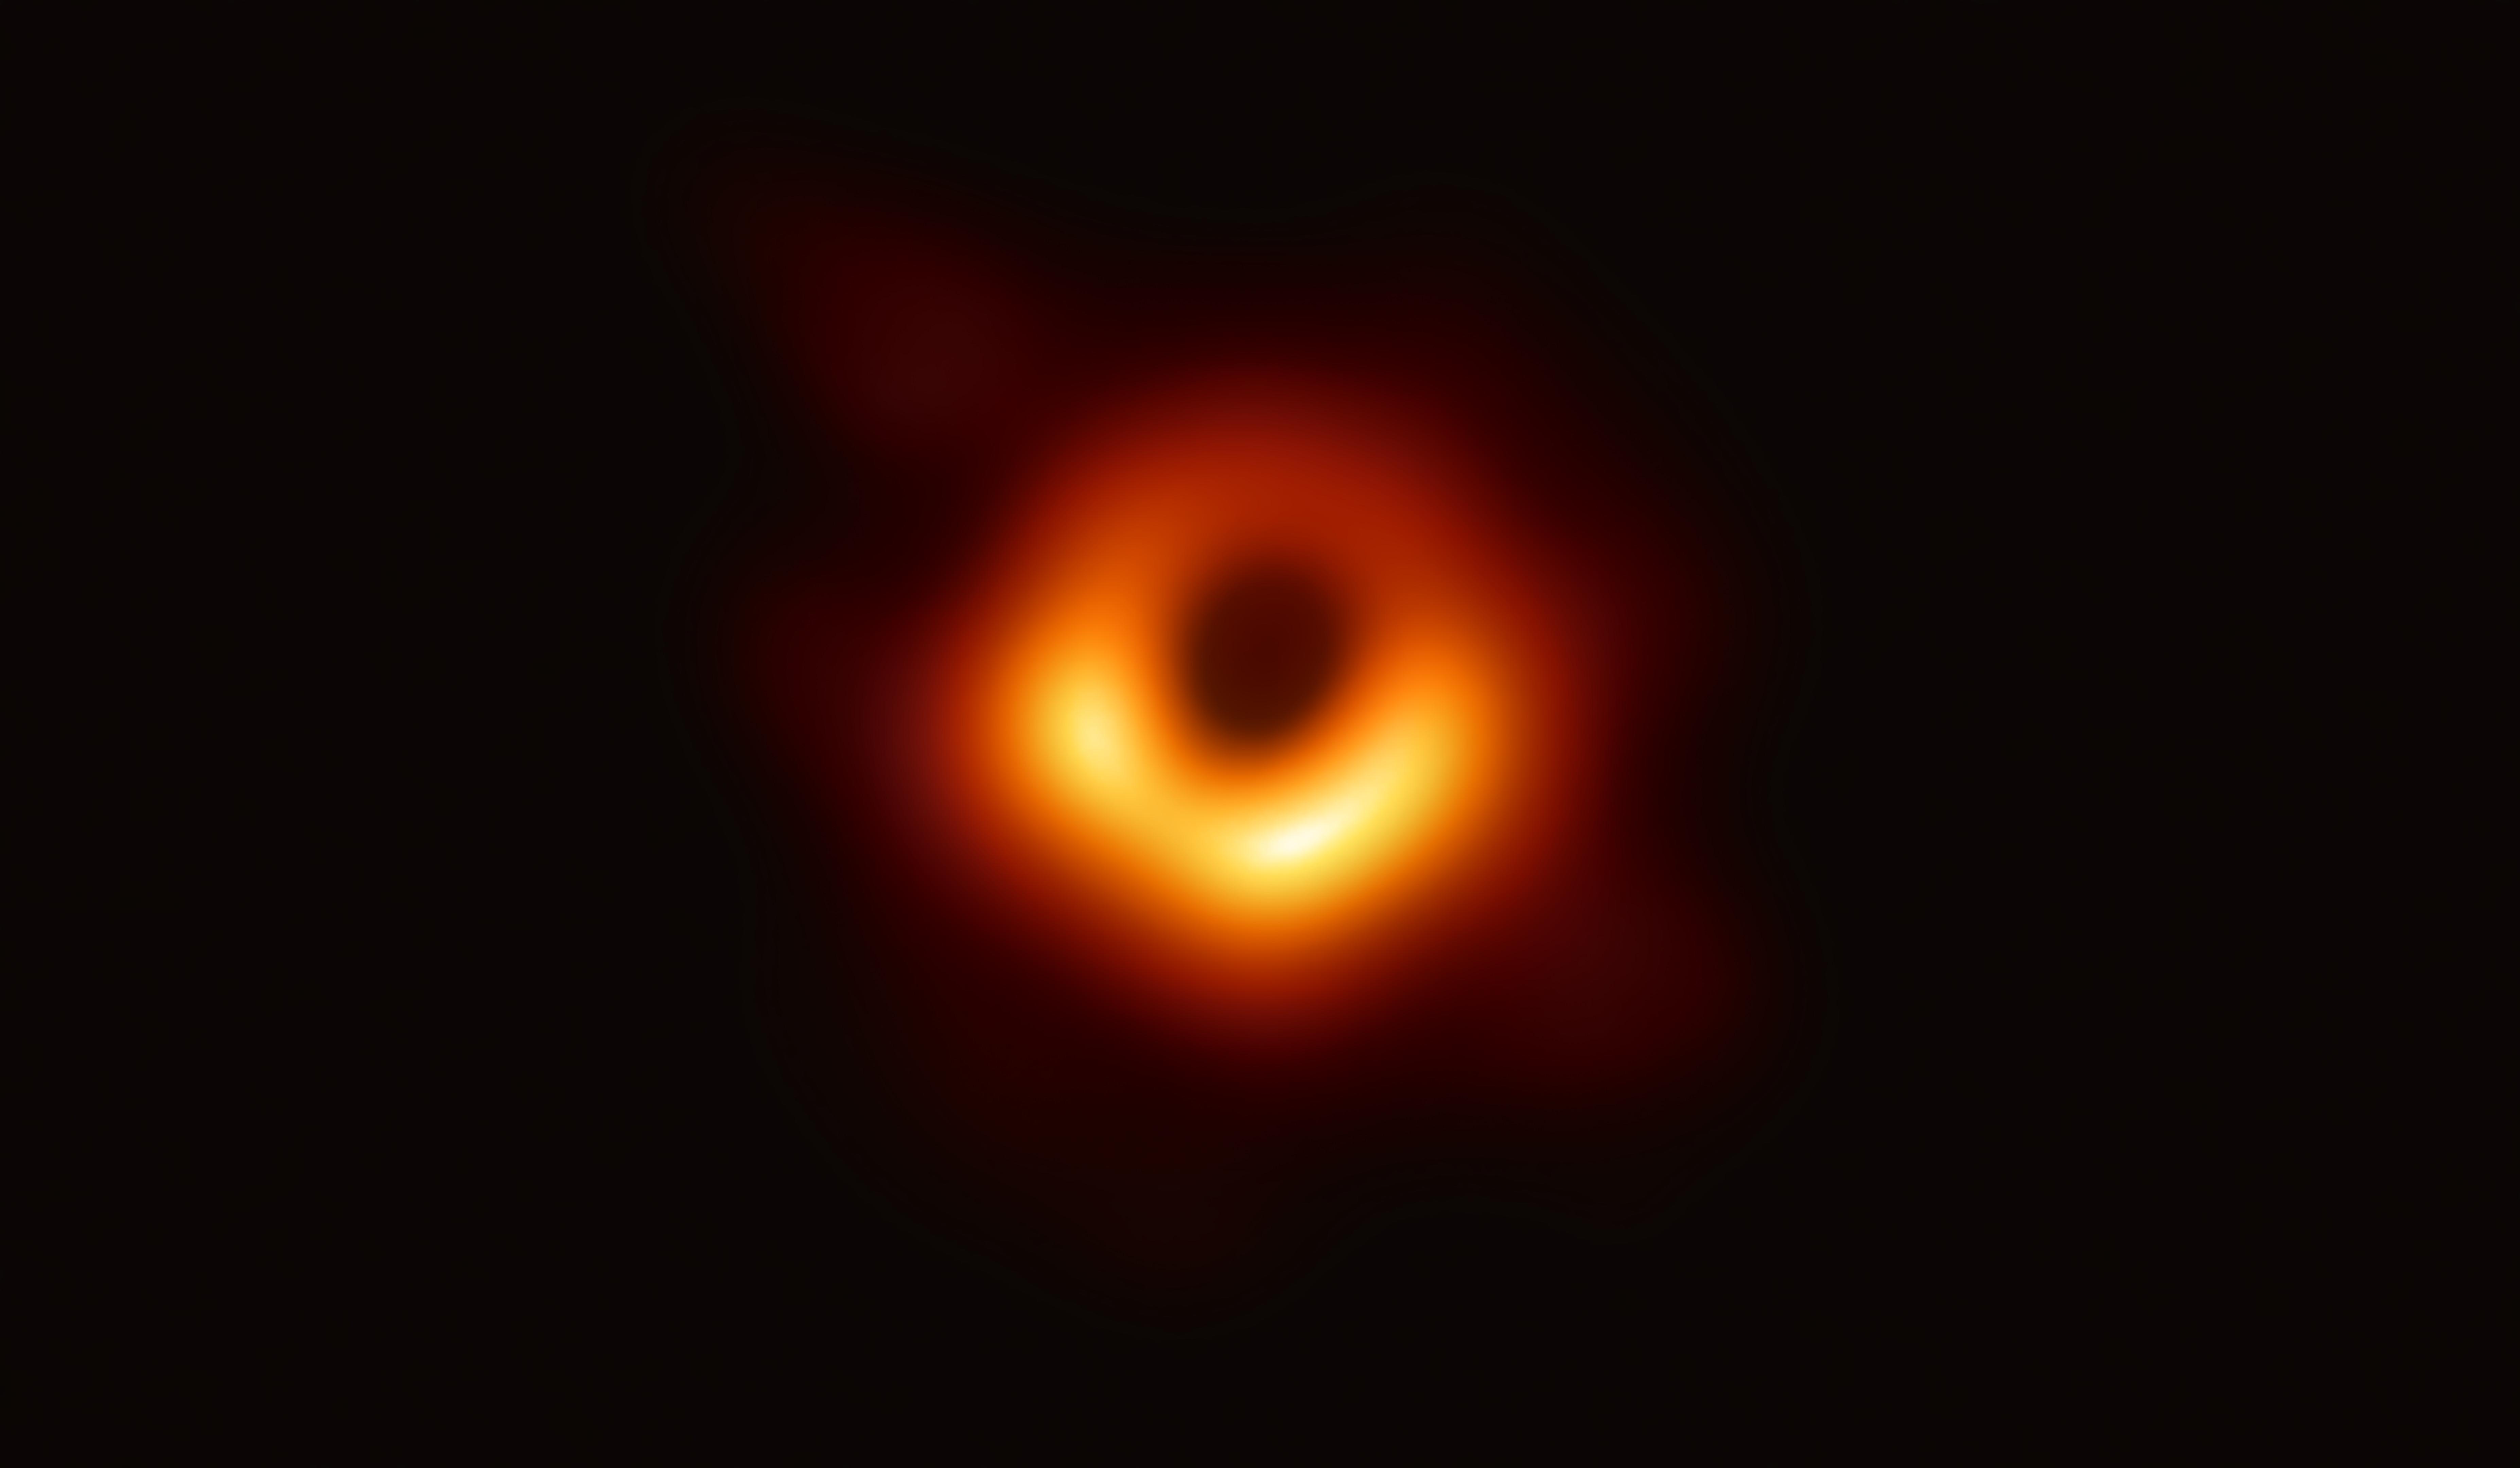 イベント・ホライゾン・テレスコープ(EHT) 〜ブラックホールの撮影〜